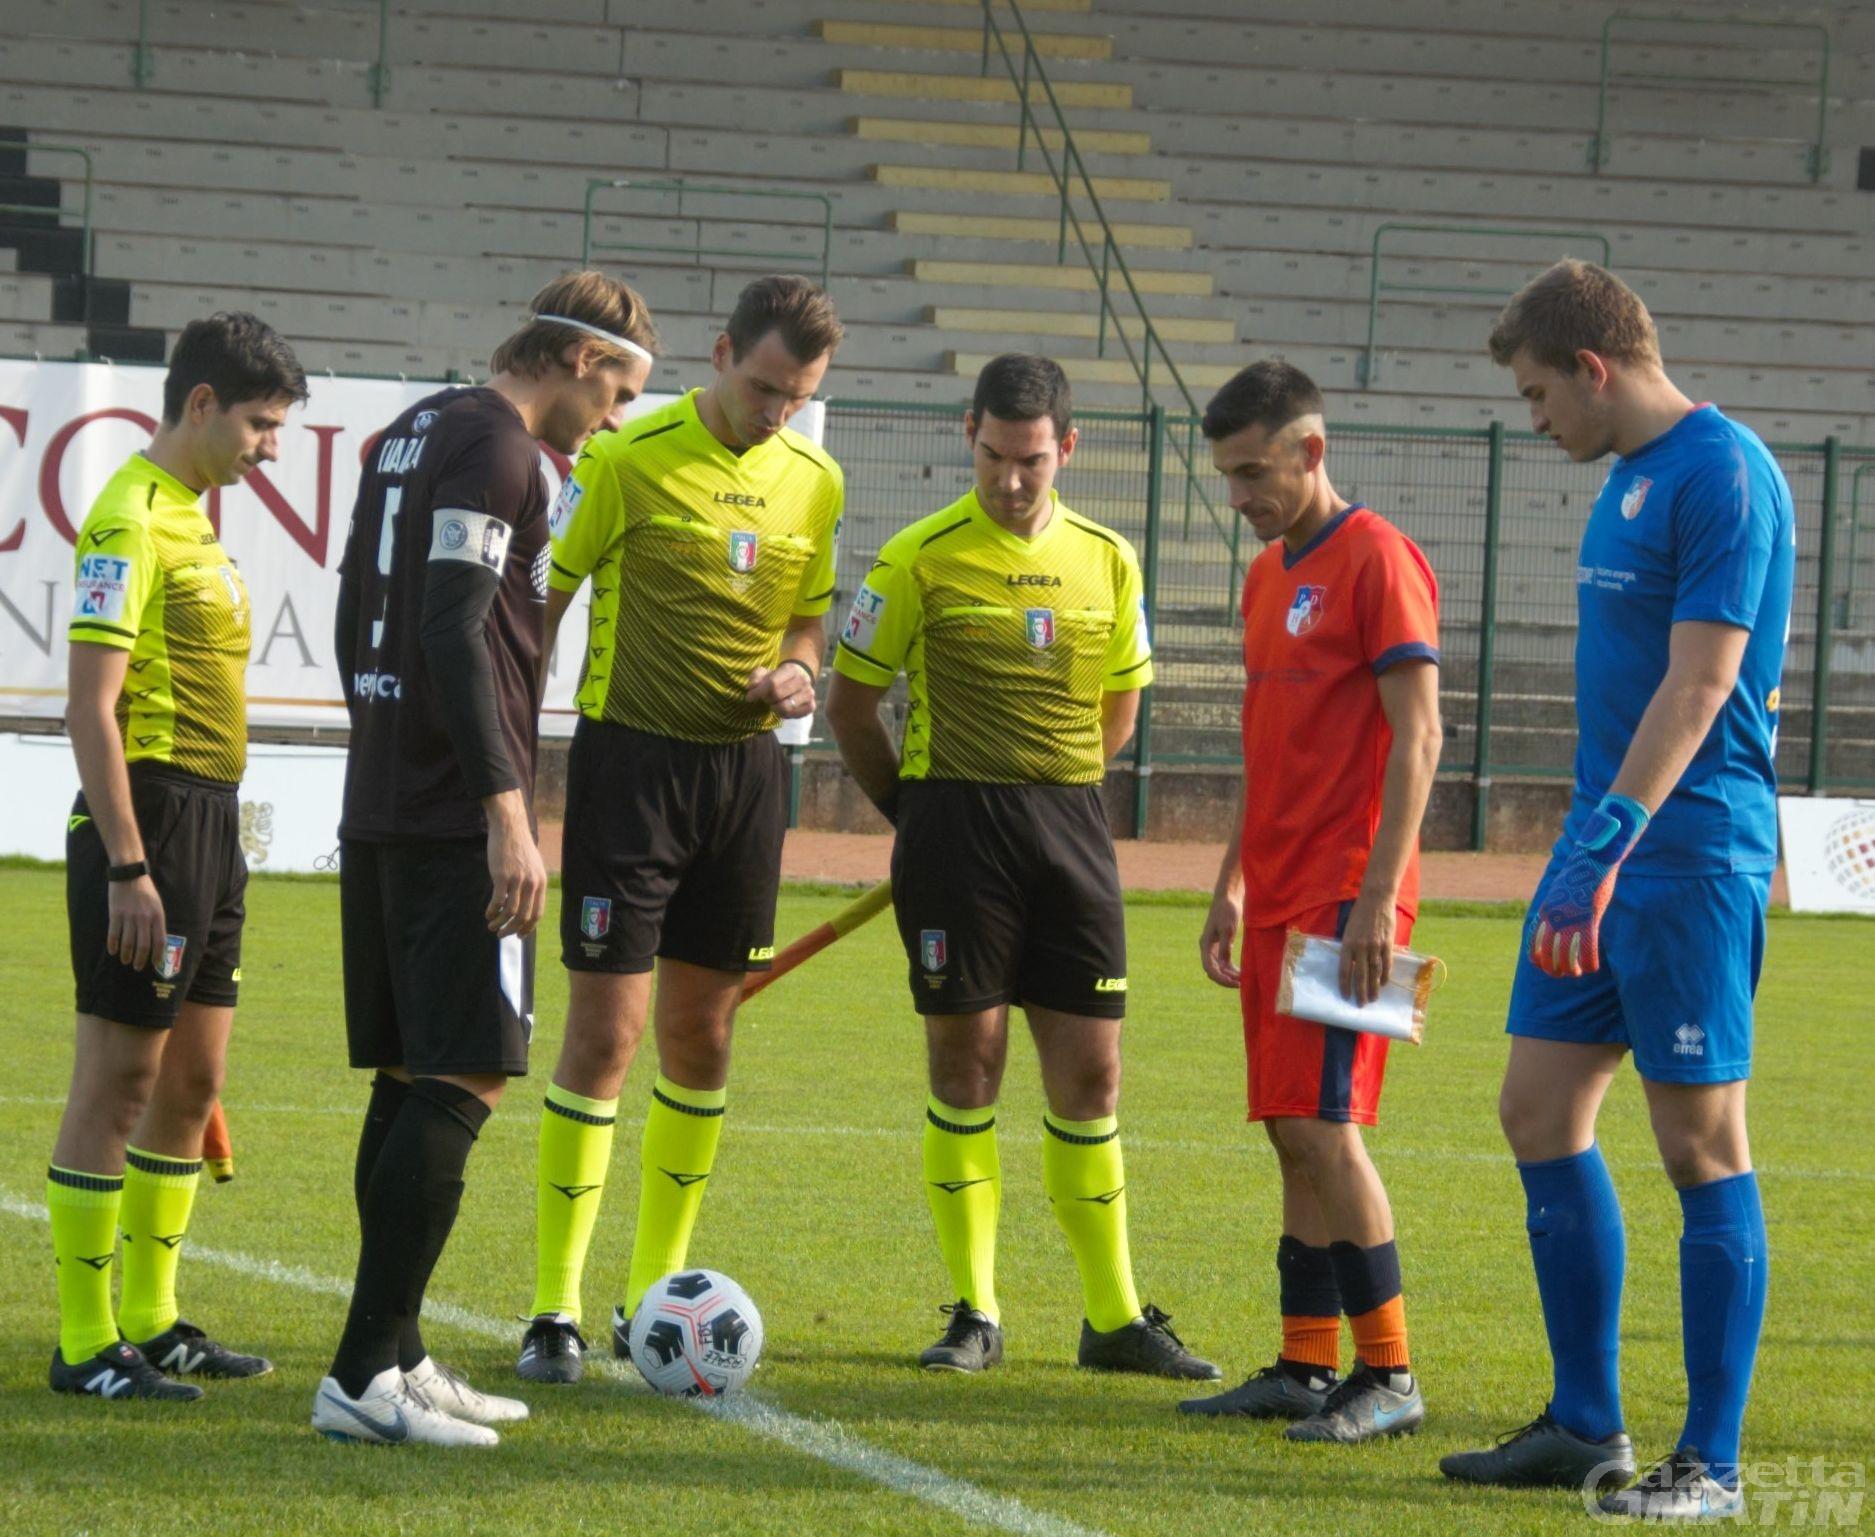 Calcio: P.D.H.A.E. punito nel finale, sconfitto anche lo Charvensod